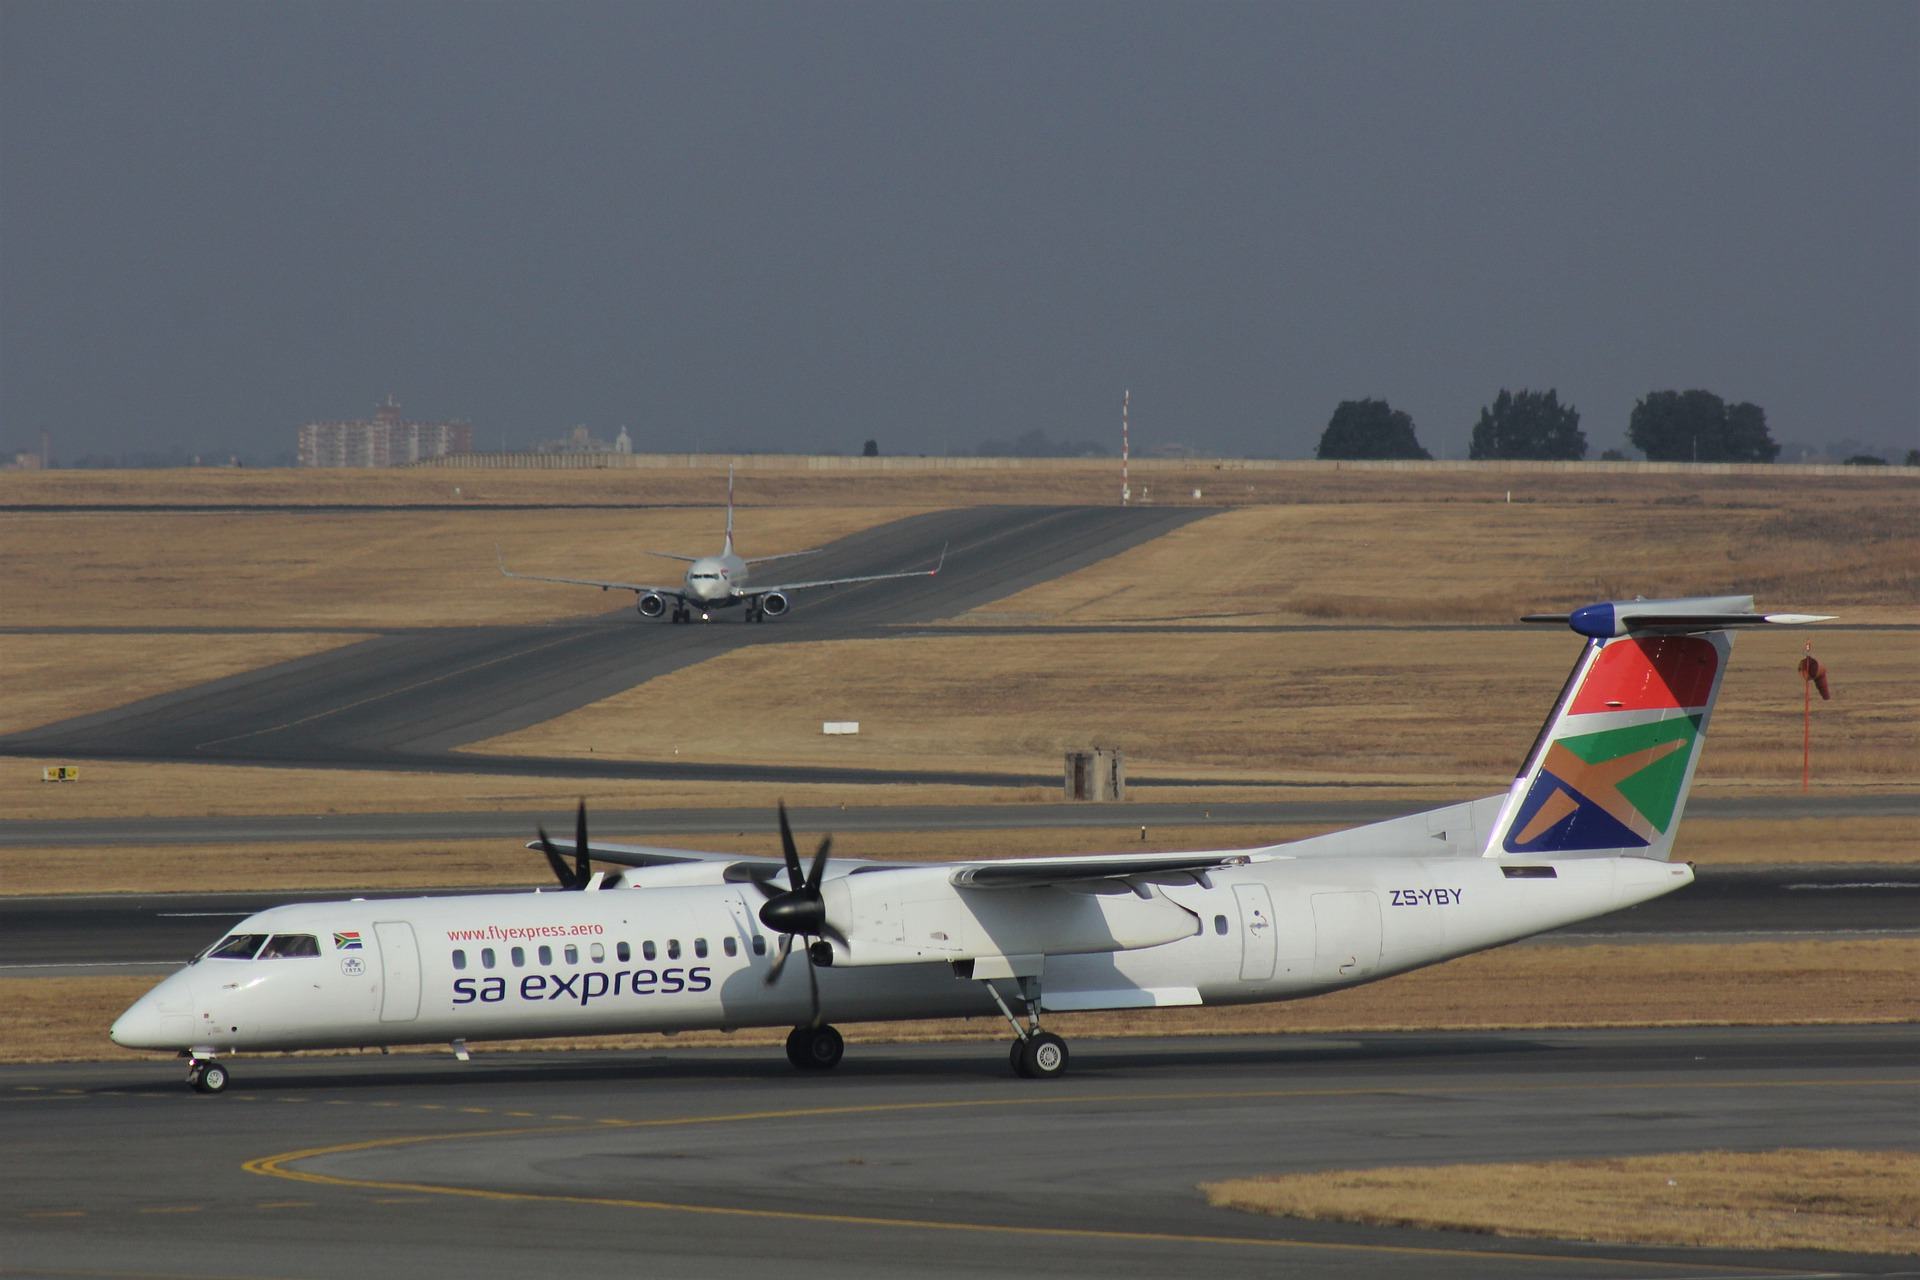 Flughafen Afrika South African Airways Express SAA Dash 8